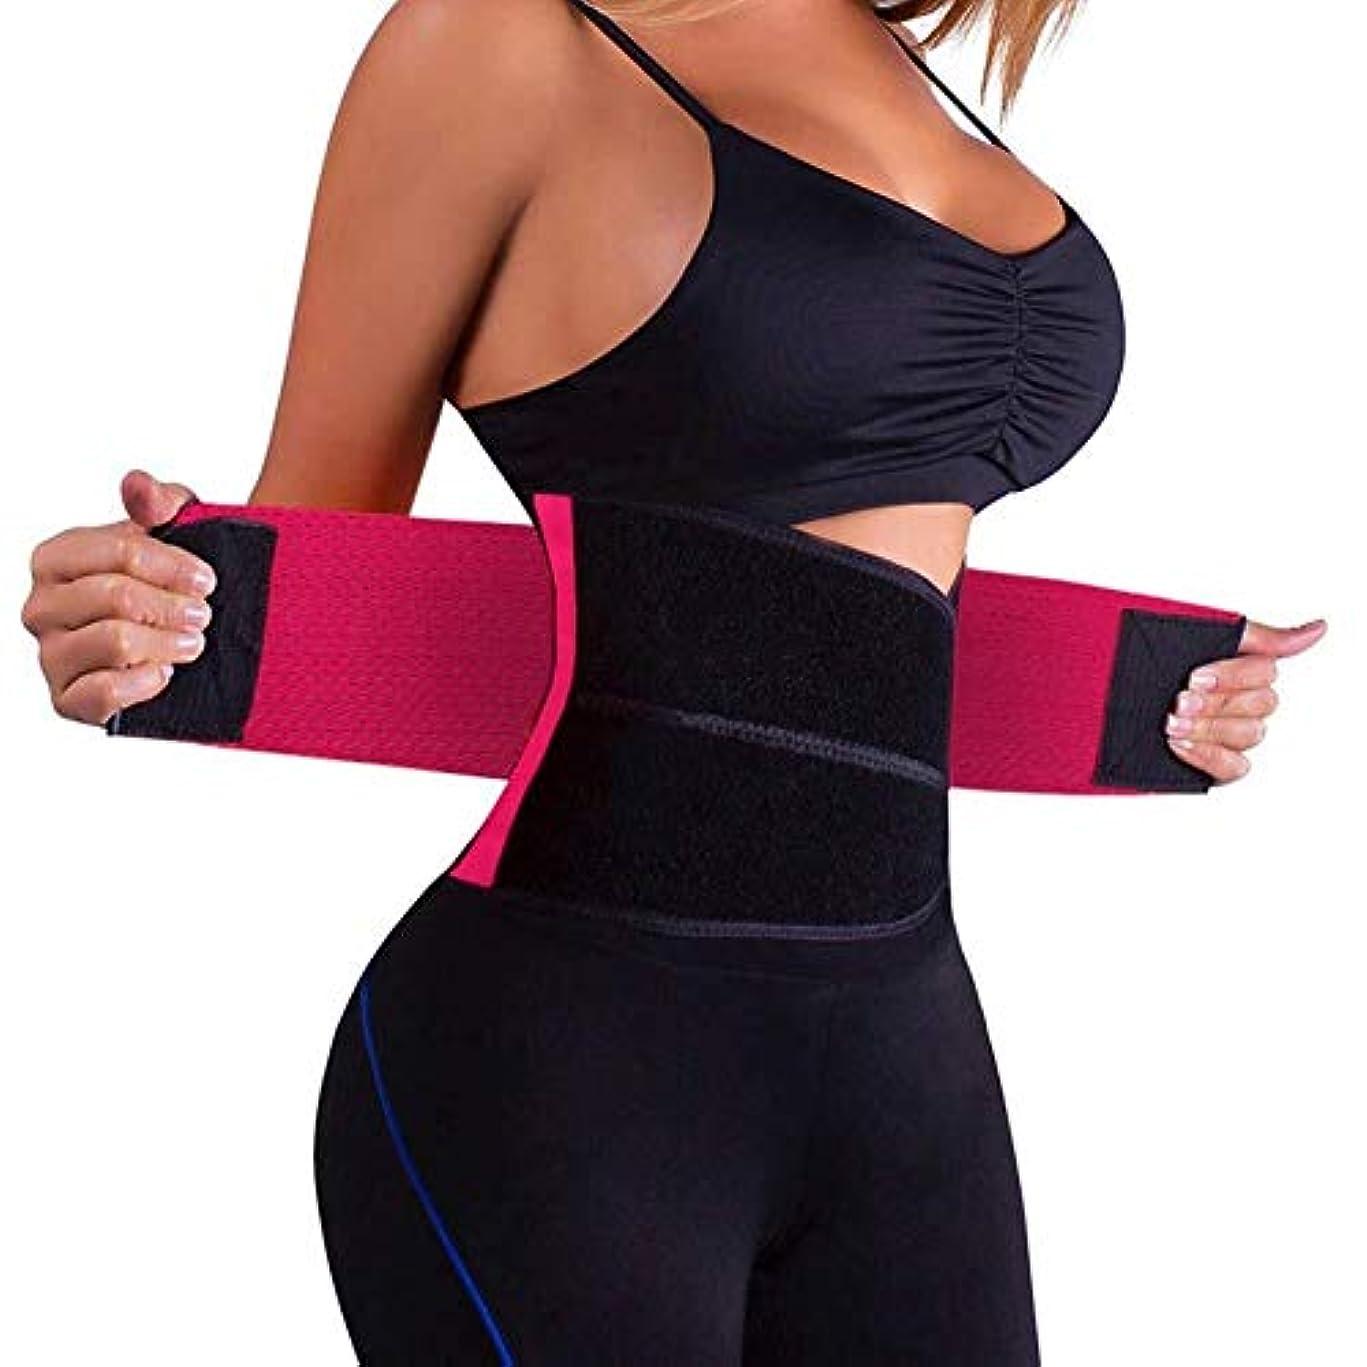 フィドル税金スタジアム腰部サポートベルト 腰部サポートベルト、男性と女性の女性のための腰部ベルト体シェイパーベルトトレーニング調整可能なネオプレンダブルプル腰部サポート腰部ベルトブレース